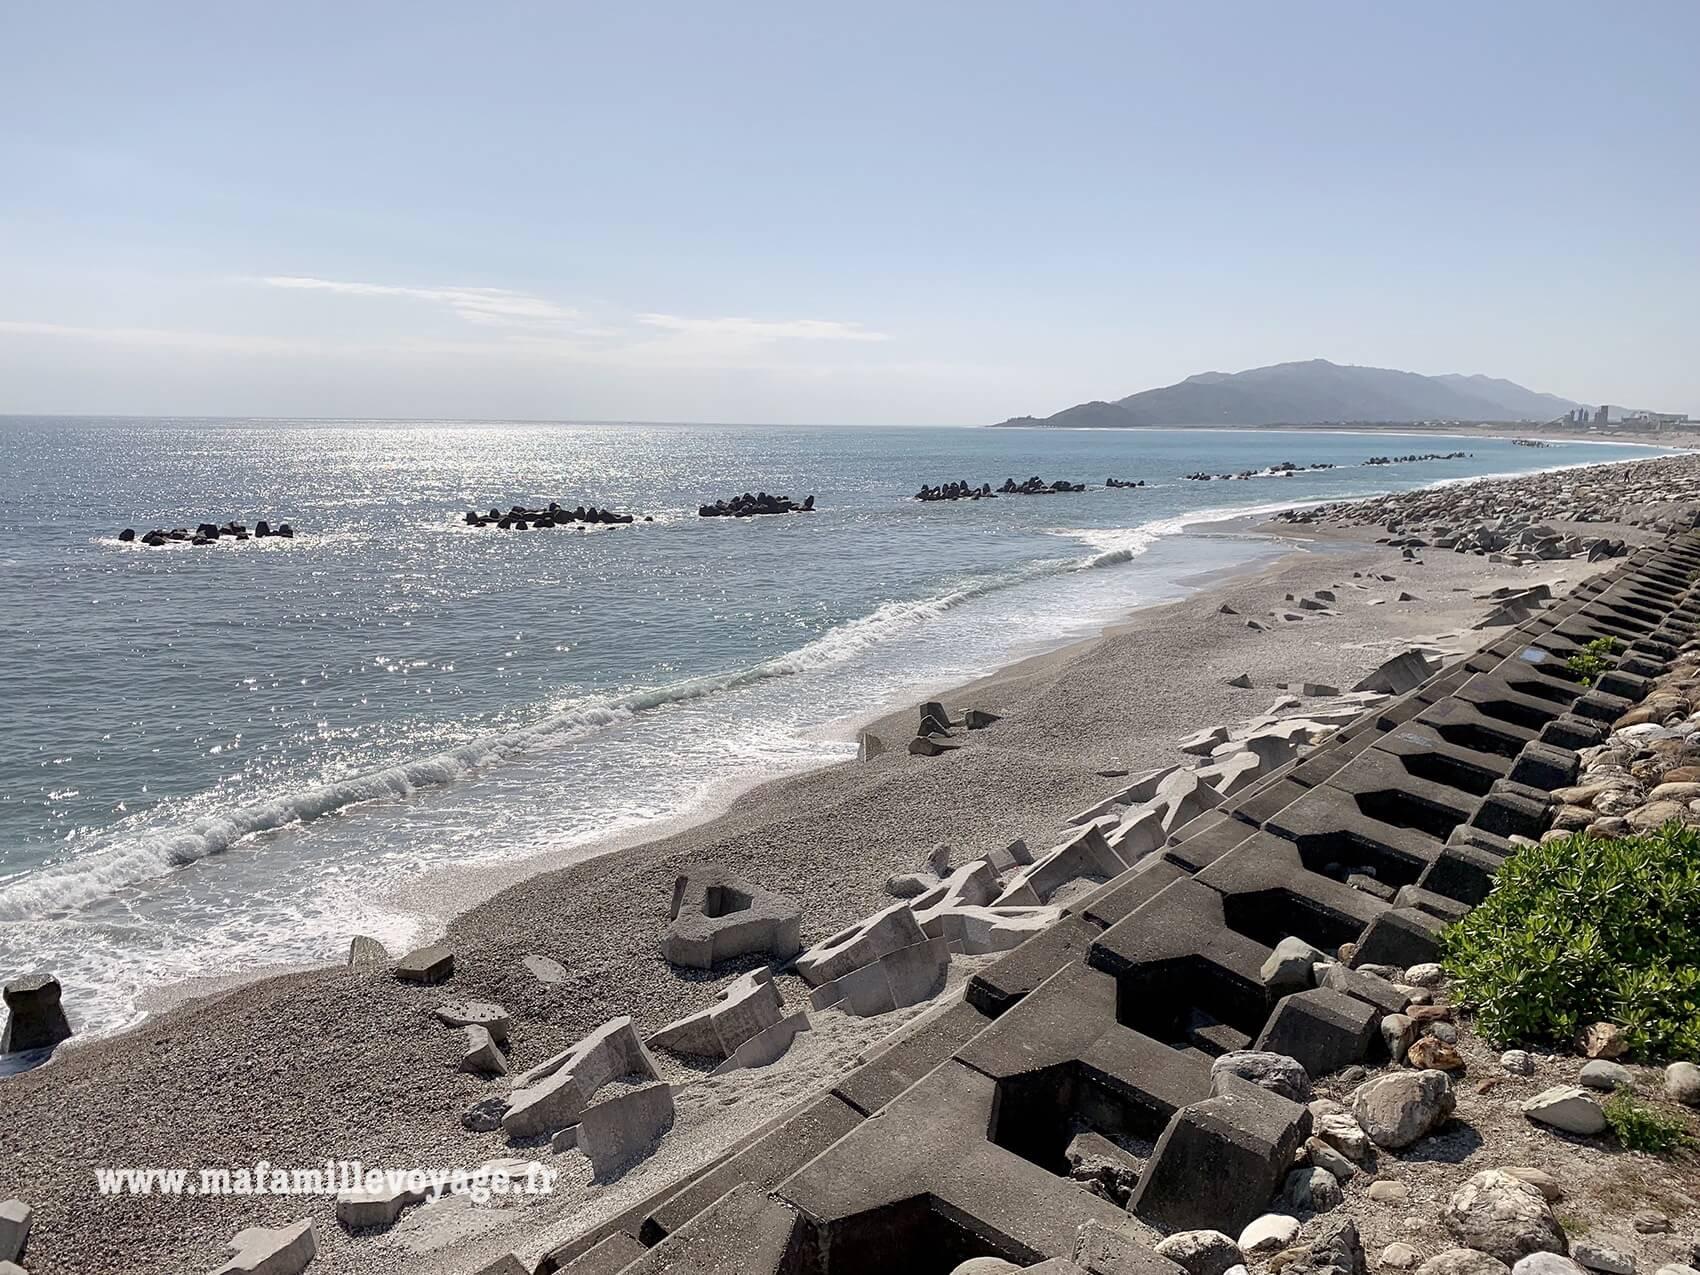 Le bord de mer à Hualien